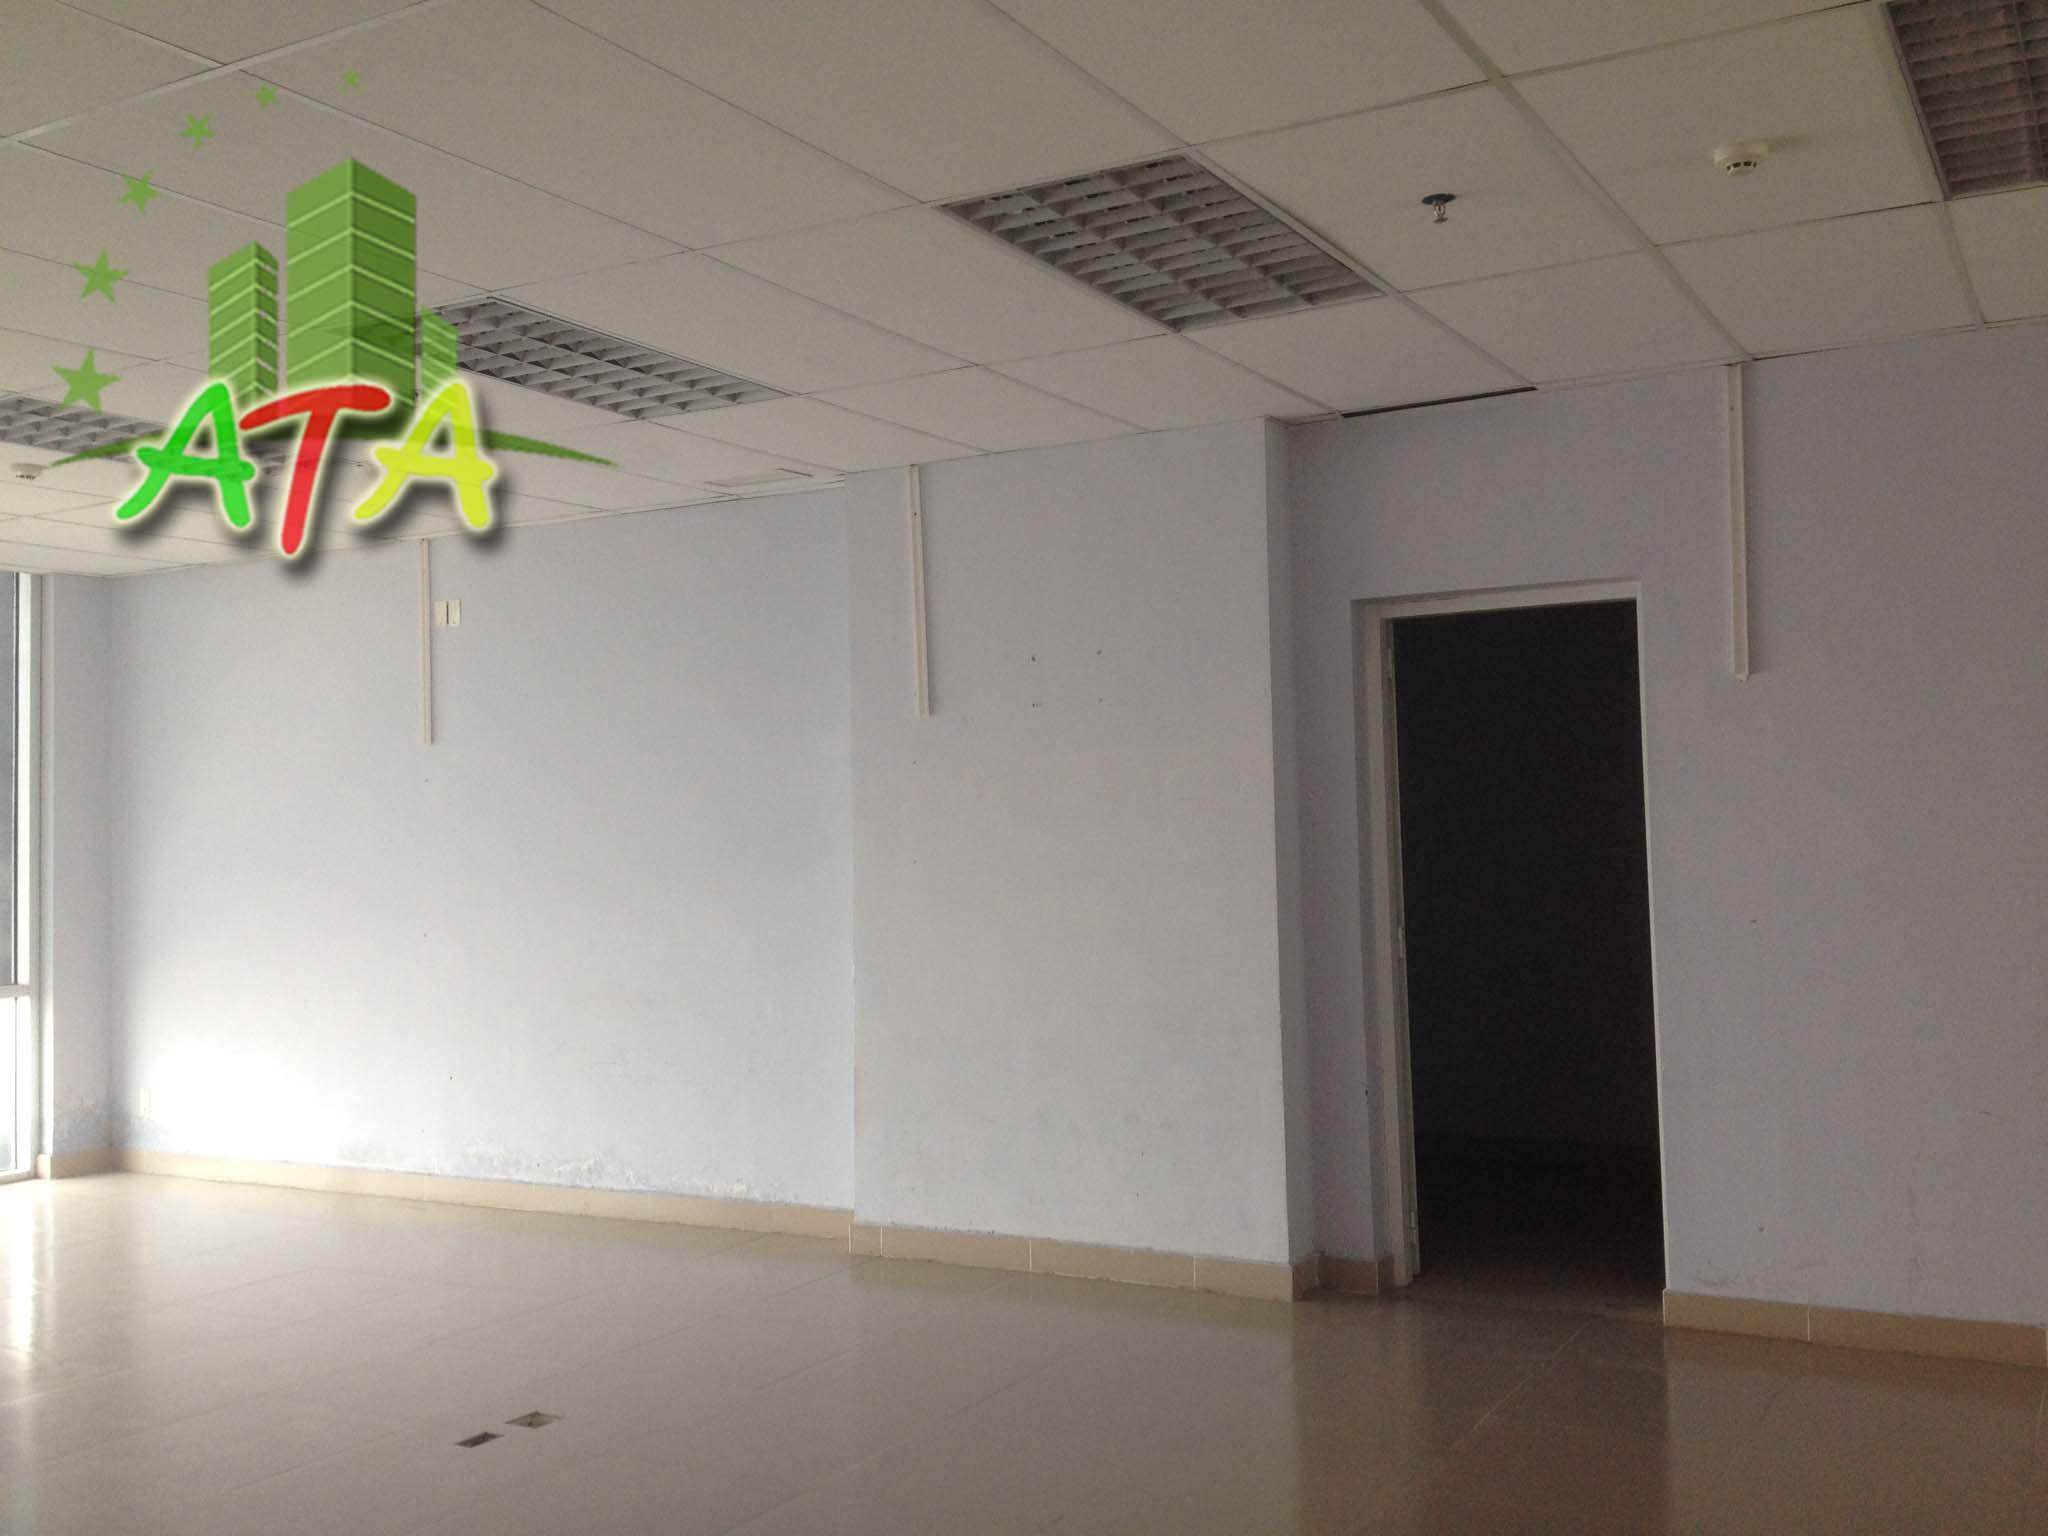 văn phòng cho thuê quận 4 - Vietran Tower - Office for lease in HCMC